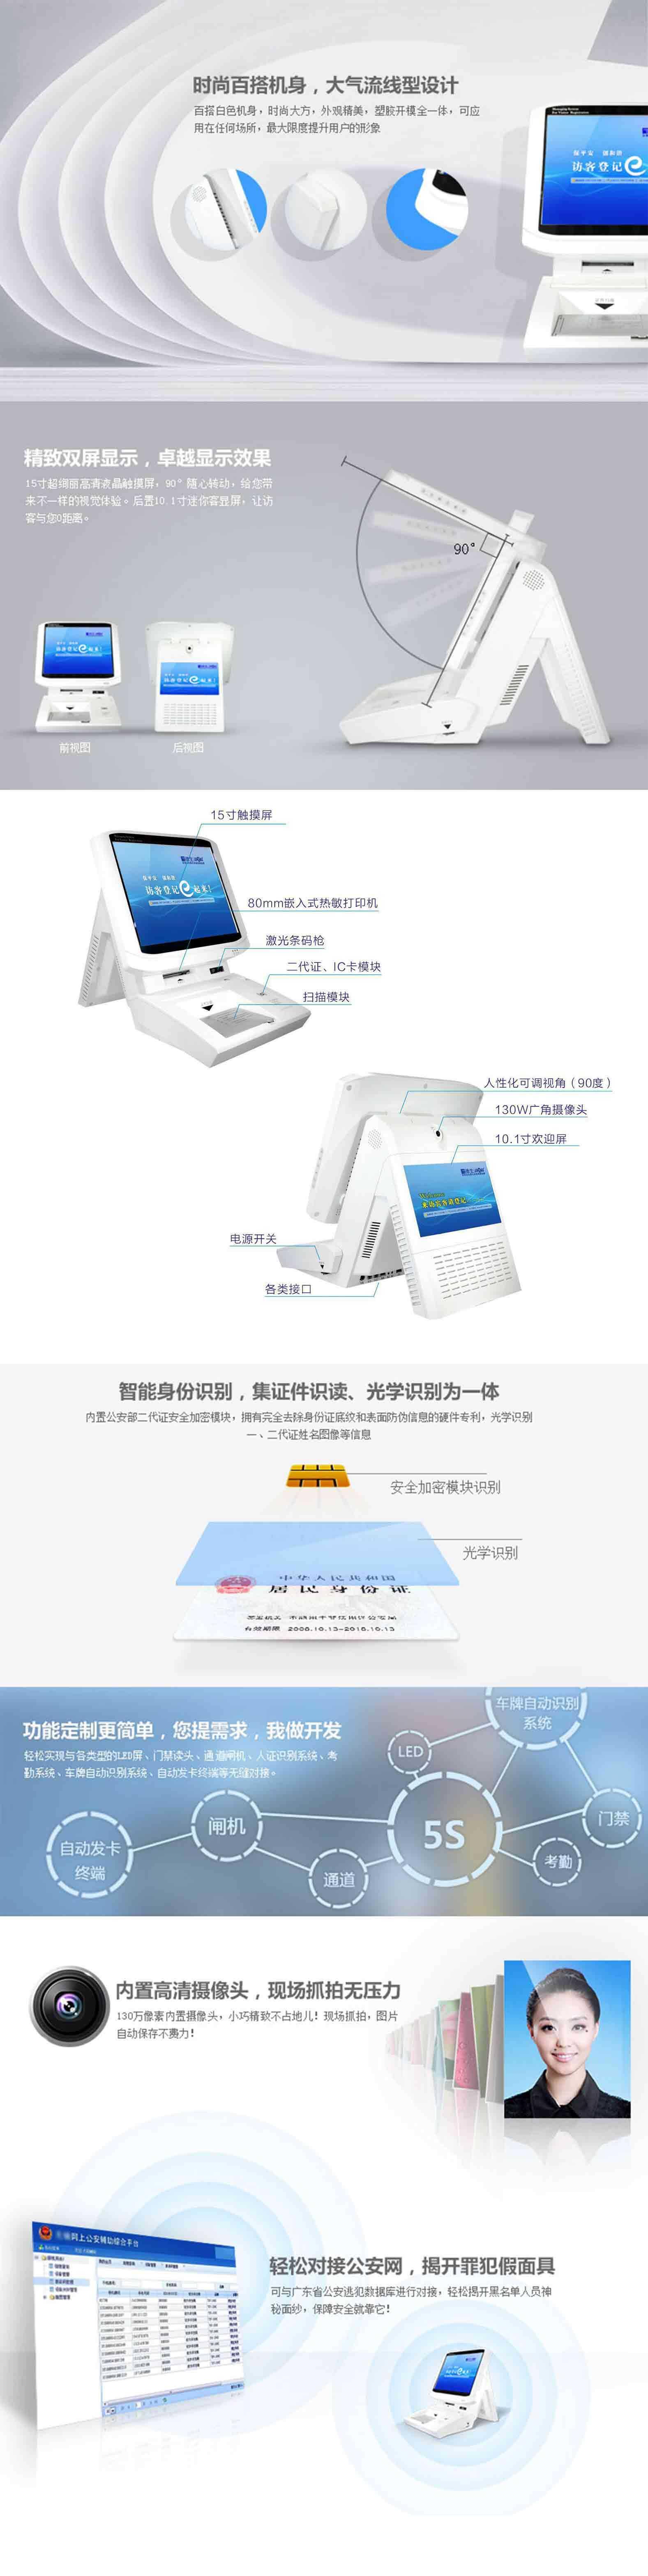 訪客機,訪客管理系統,5S產品介紹